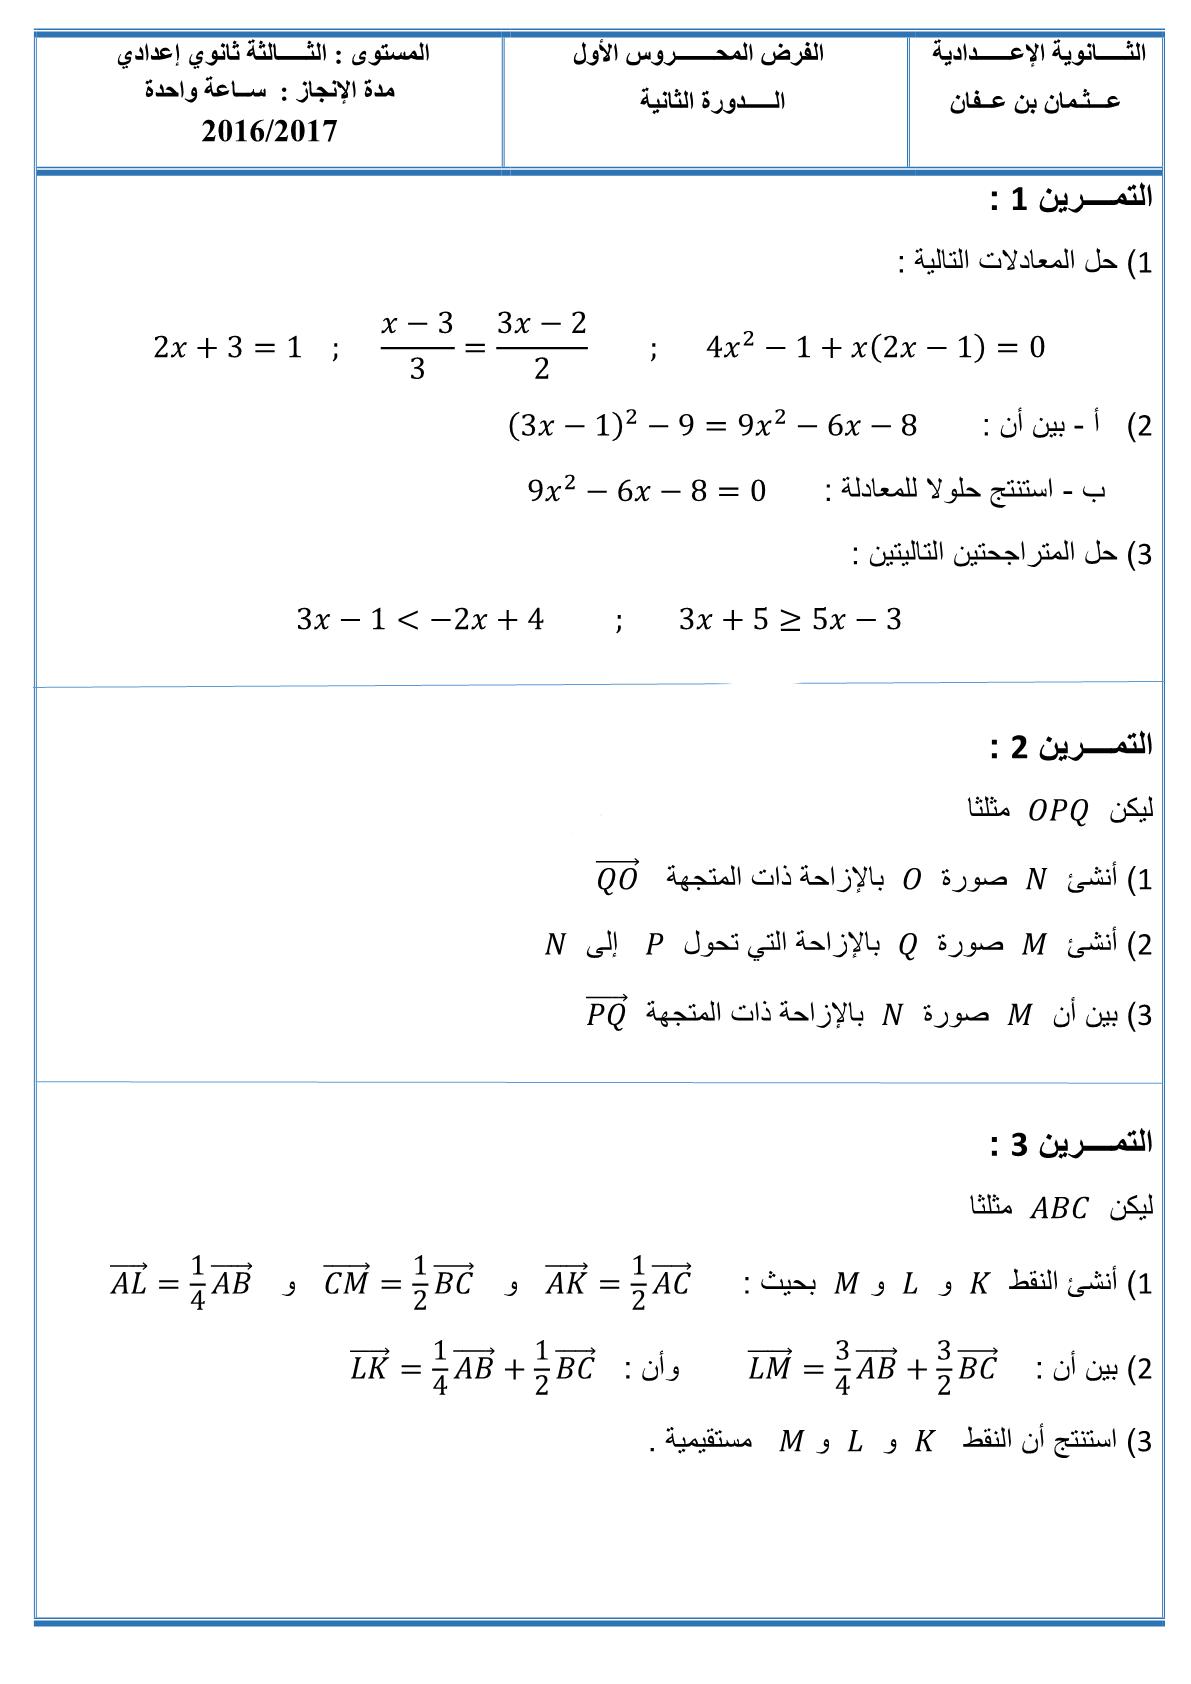 الفرض المحروس الأول مع تصحيح في مادة الرياضيات للسنة الثالثة إعدادي